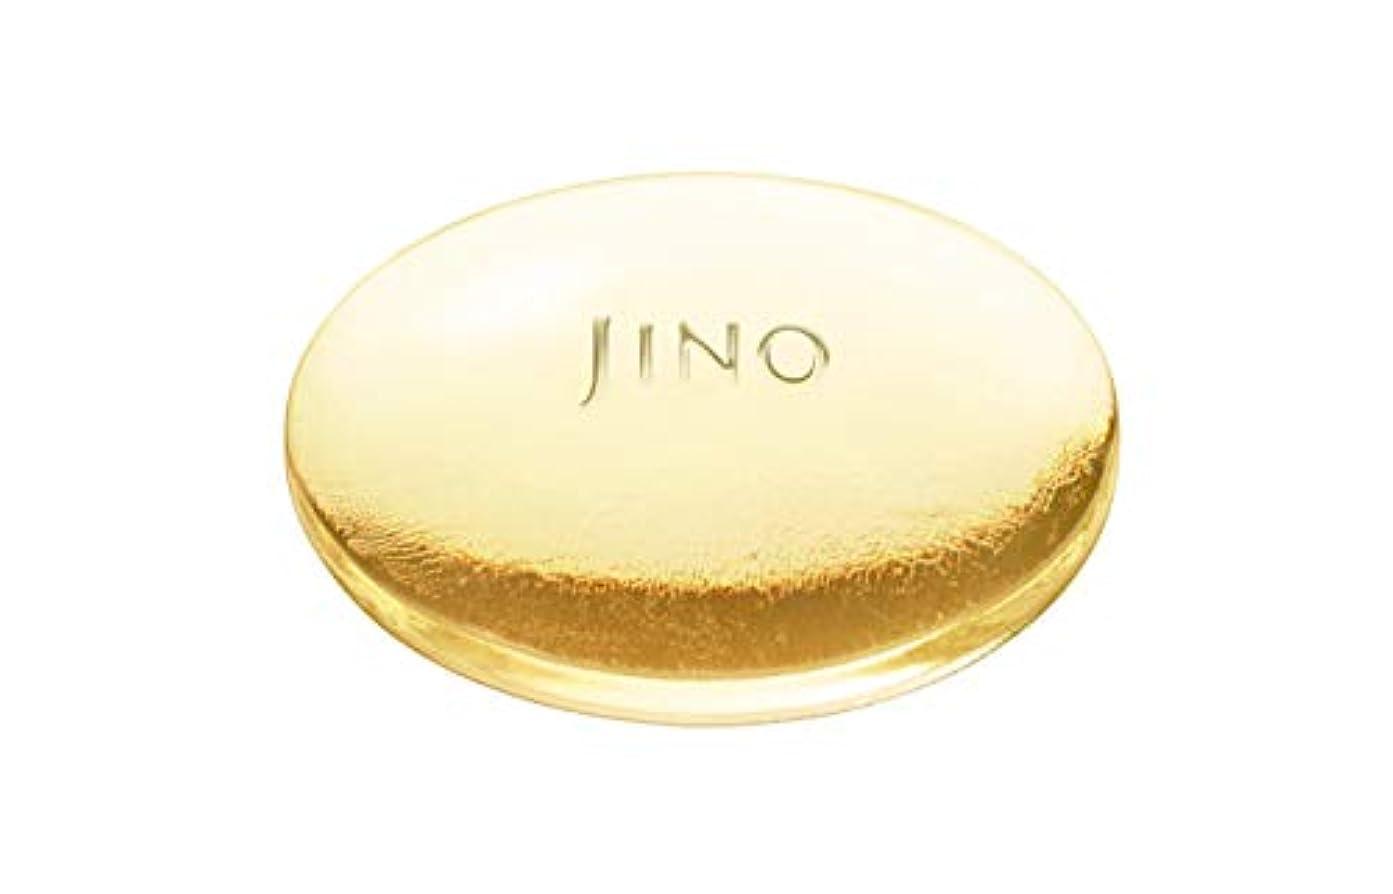 JINO(ジーノ) アミノ モイスト クリアソープ 100g